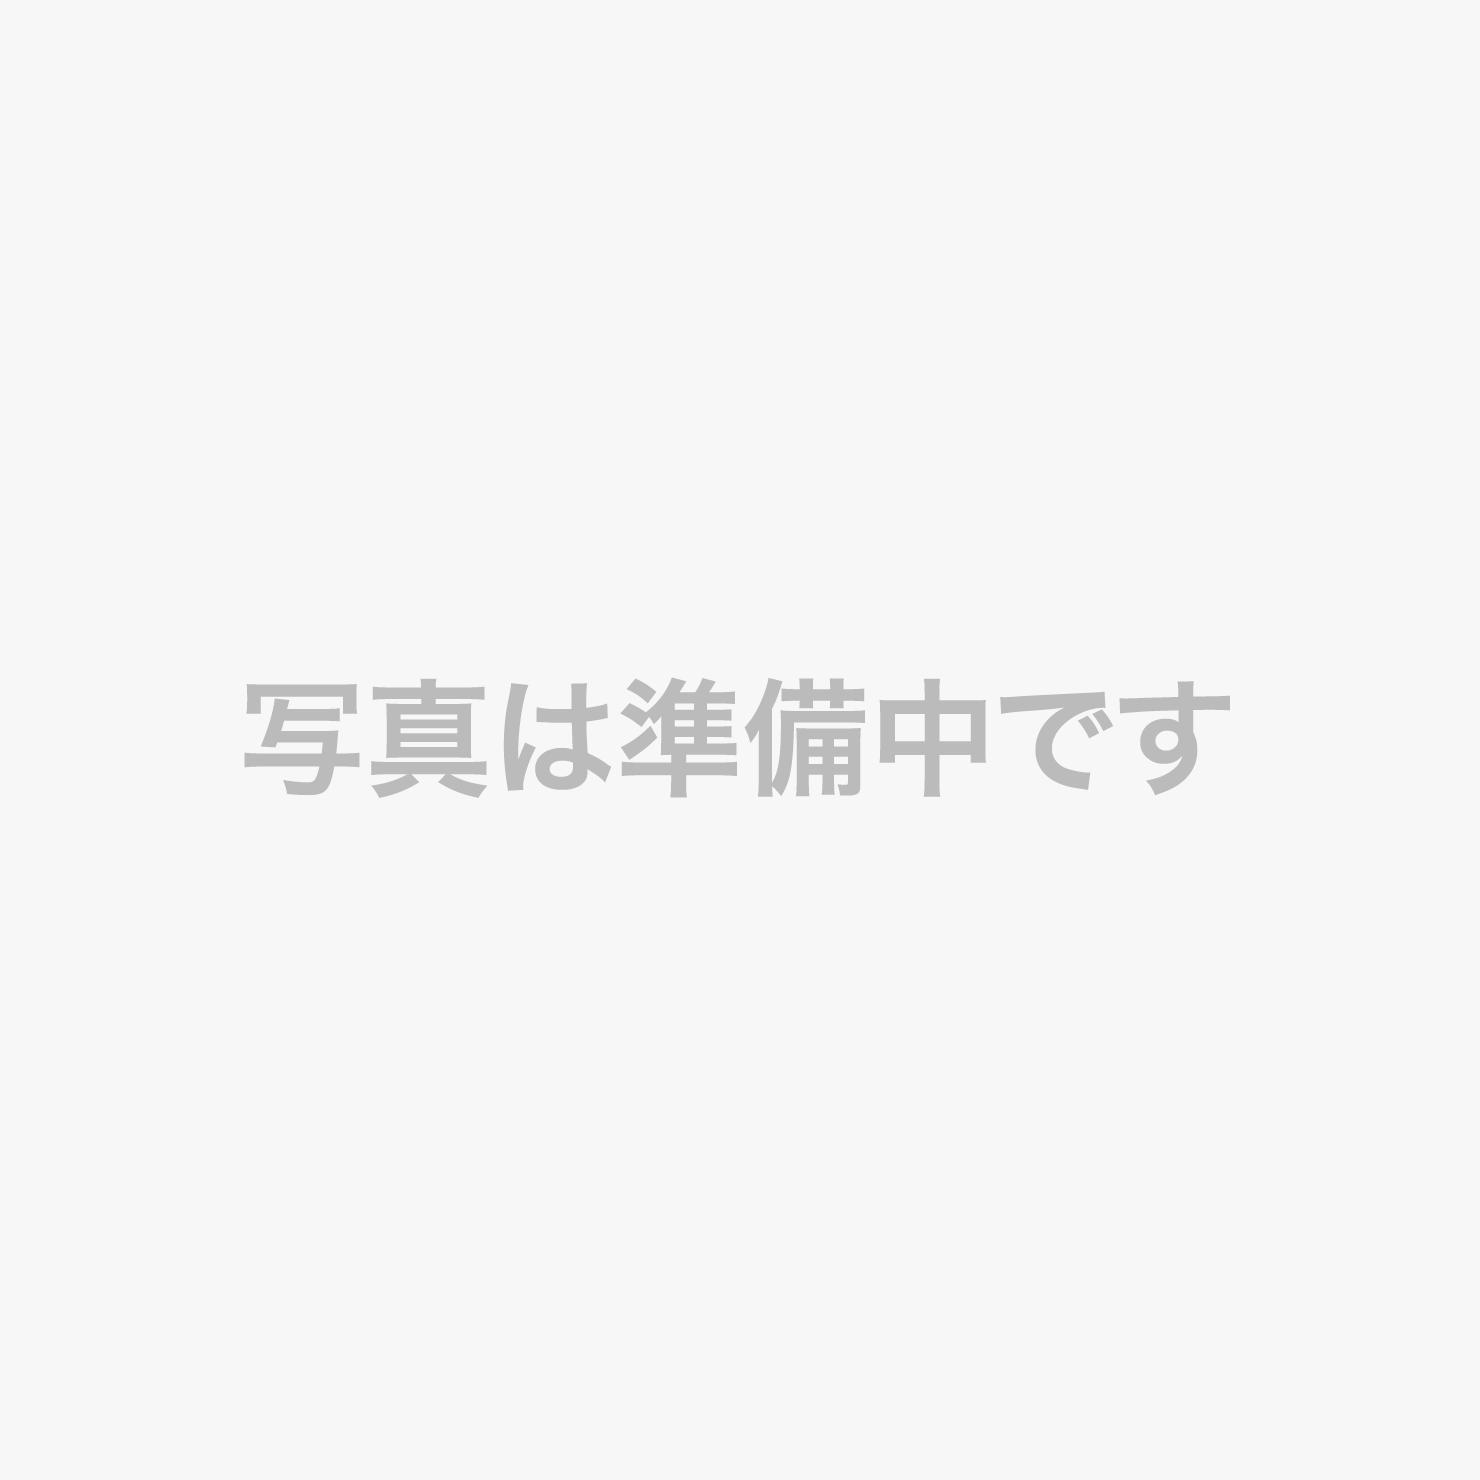 館内の本格フィットネスジム「ジョイン」☆通常は当館ご宿泊の方はお一人1,050円でビジター利用OK